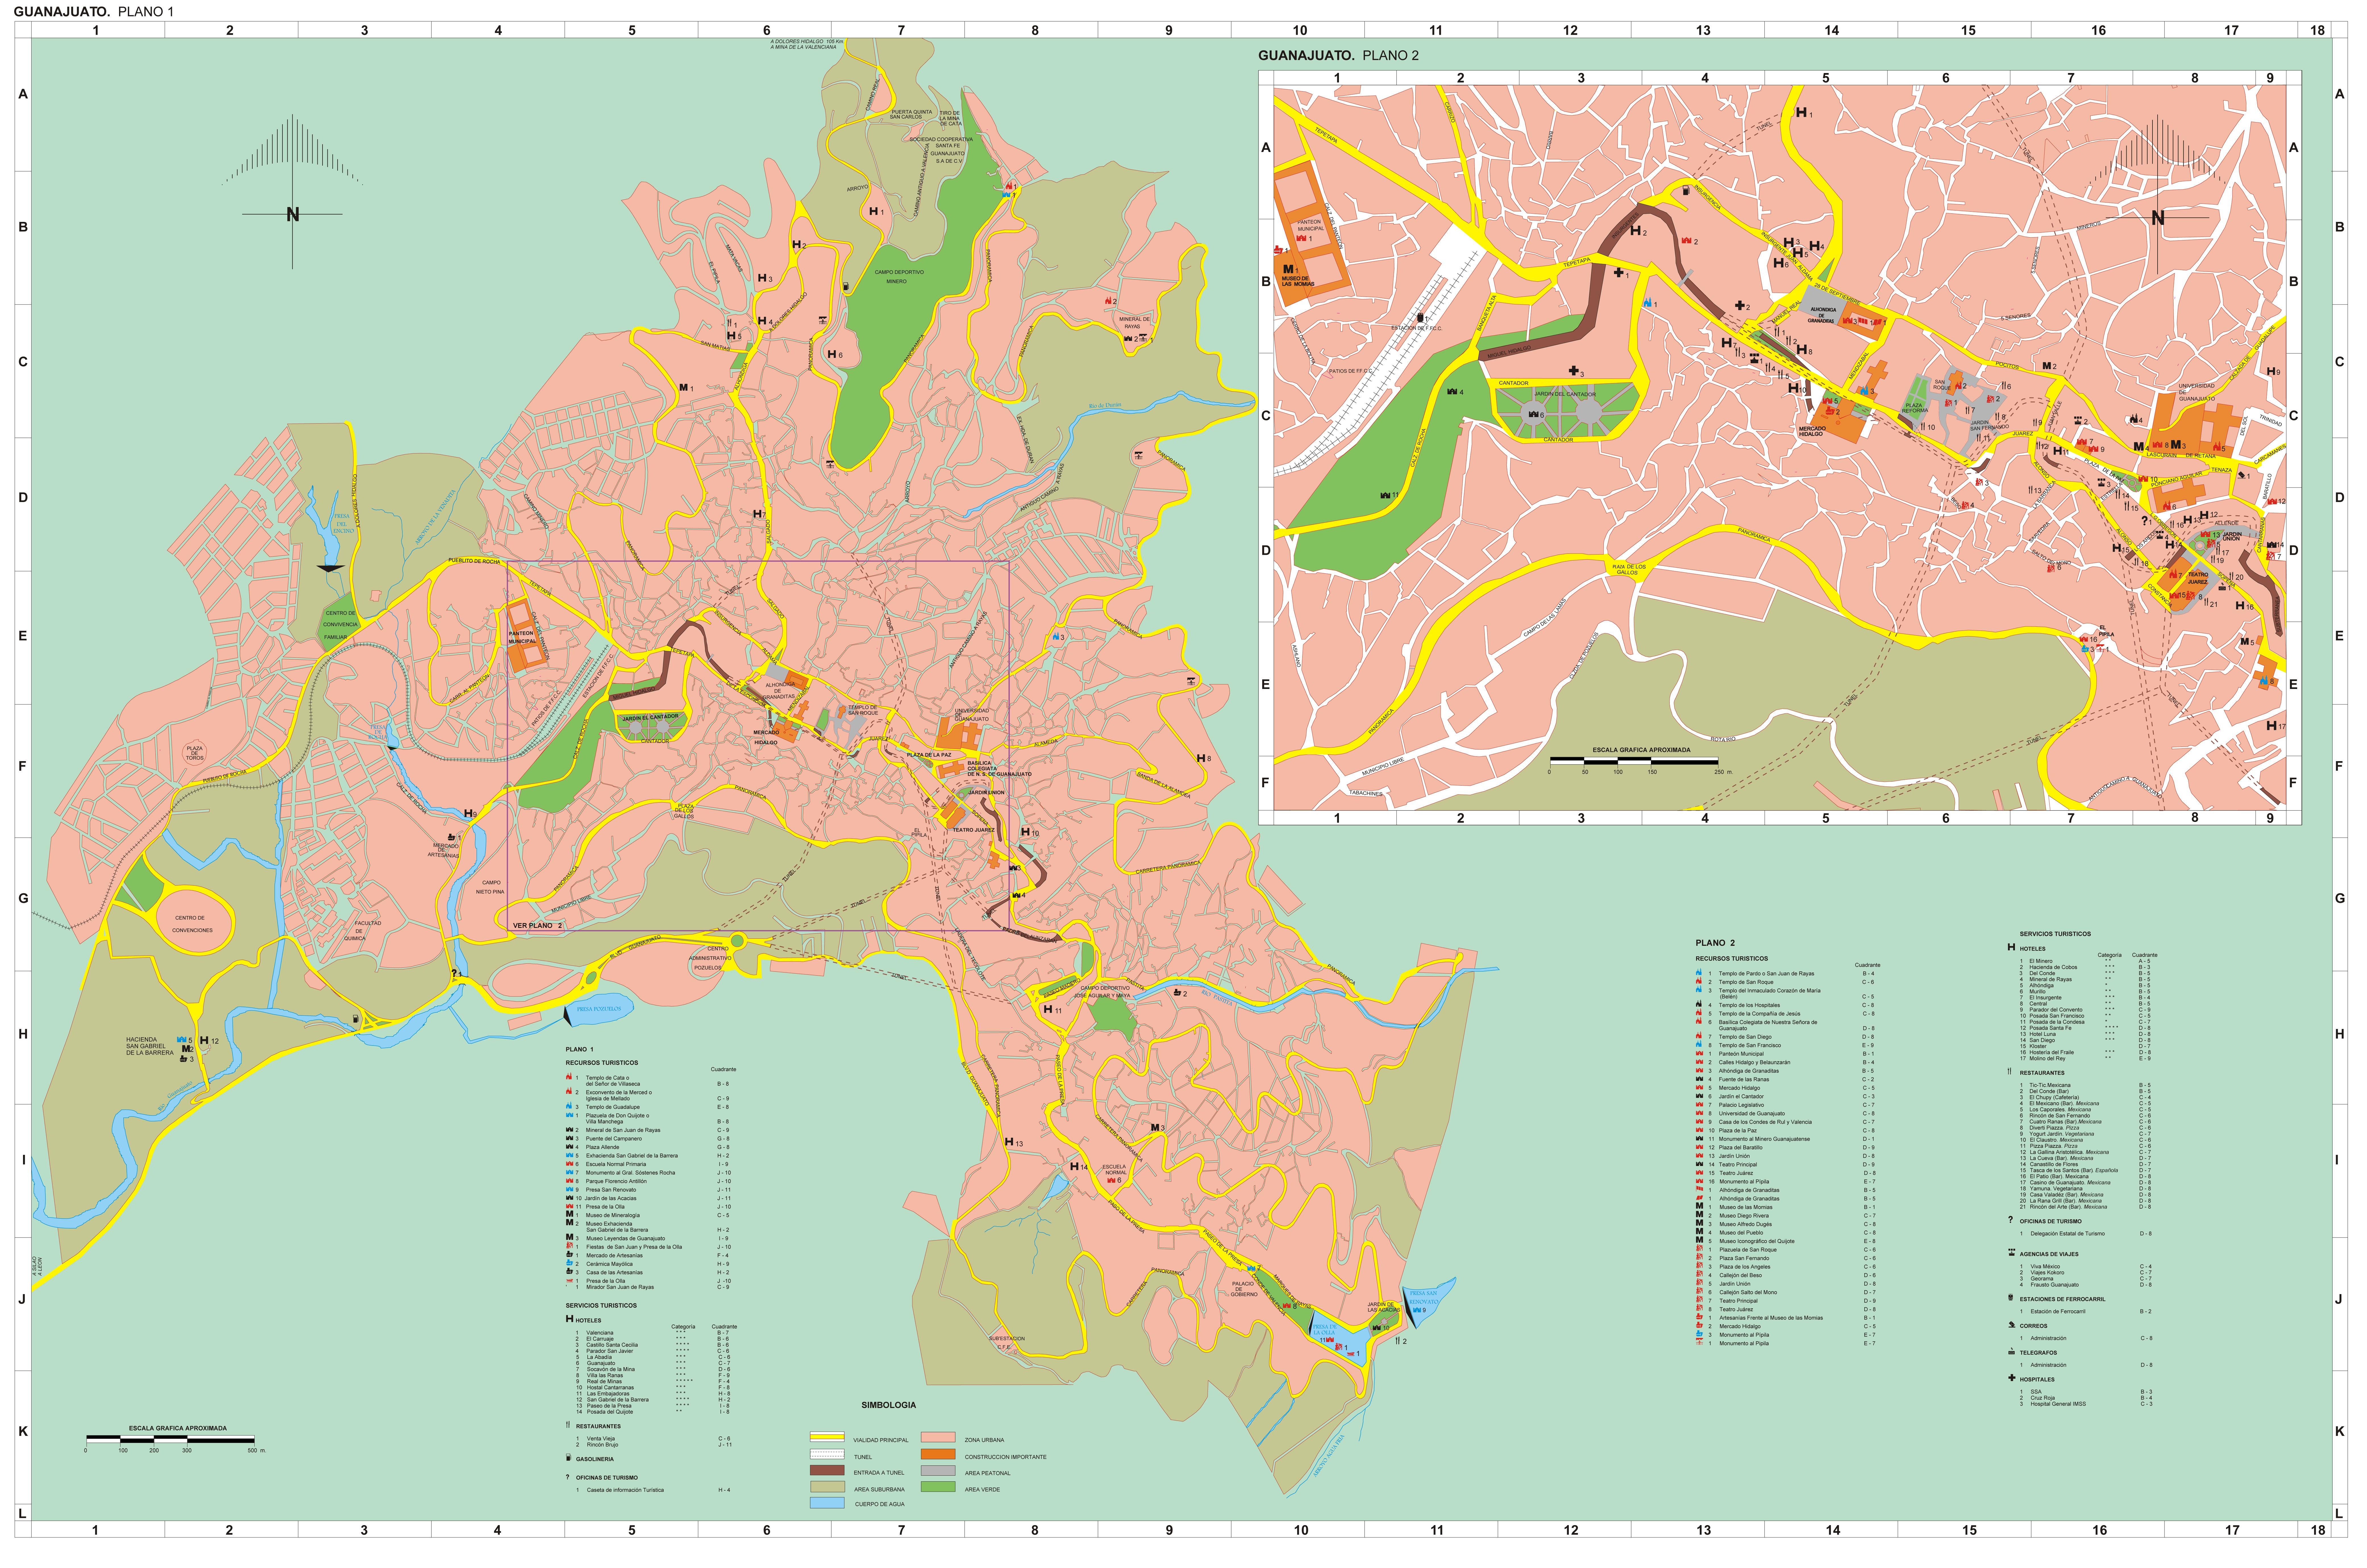 Mapa de la Ciudad de Leon Gto Mapa de la Ciudad de